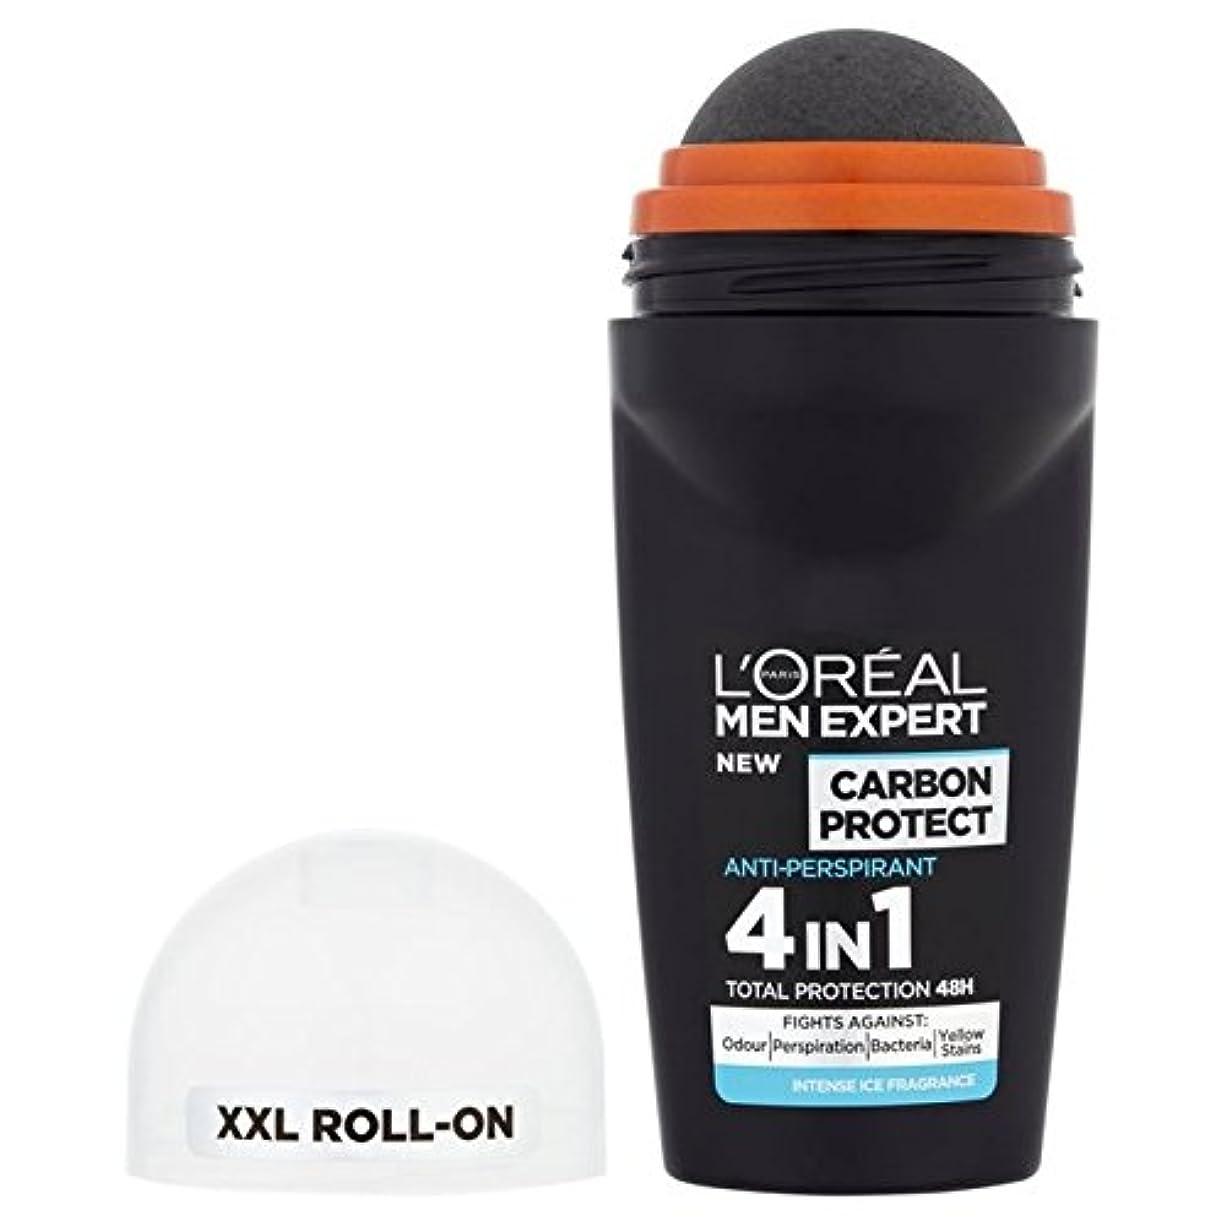 デコラティブアクチュエータセンチメンタルロレアルの男性の専門家の炭素は、消臭50ミリリットルの氷のロールを保護します x2 - L'Oreal Men Expert Carbon Protect Ice Roll On Deodorant 50ml (Pack of 2) [並行輸入品]